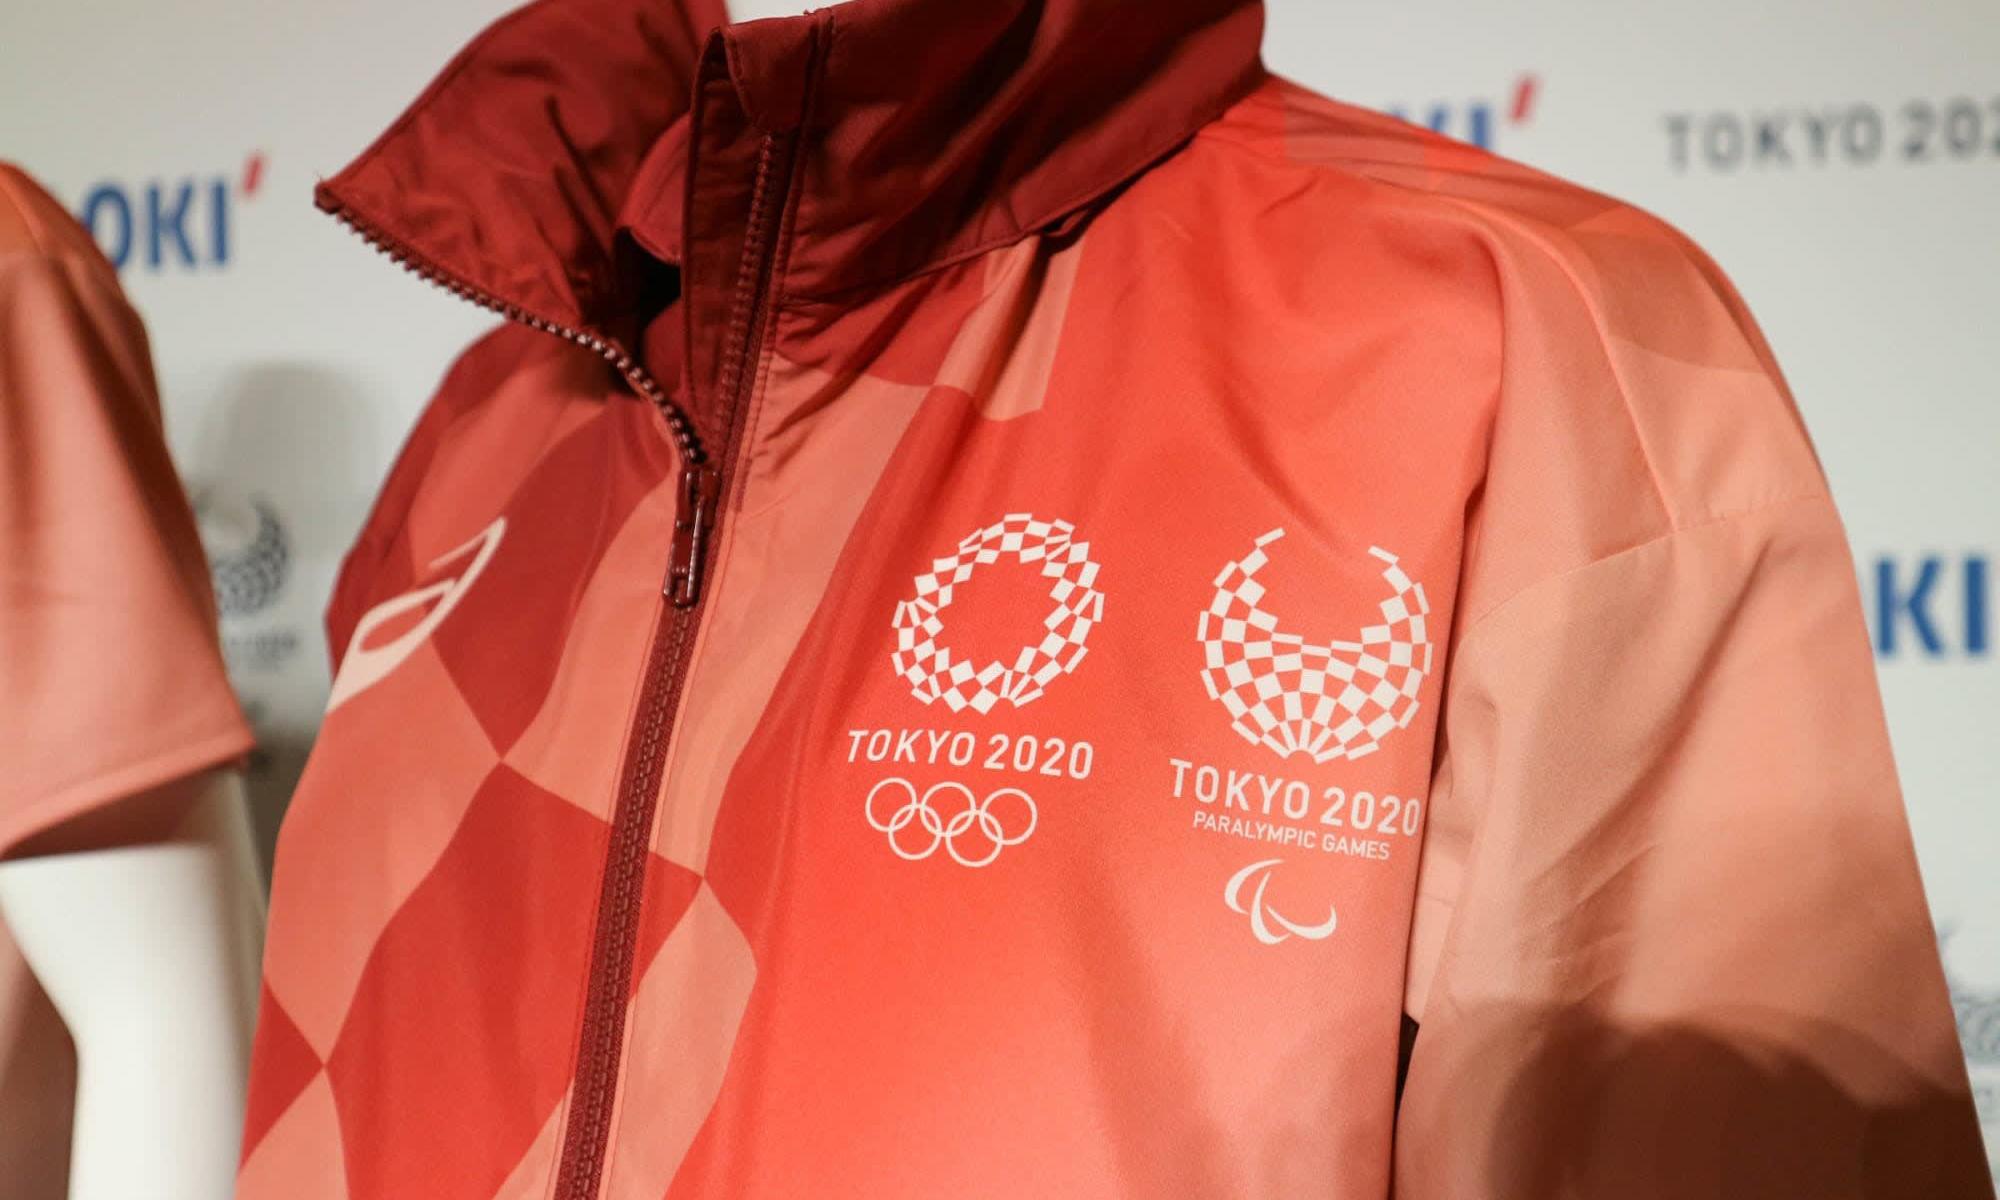 奥运会虽然推迟,但「TOKYO 2020」名称暂时不变